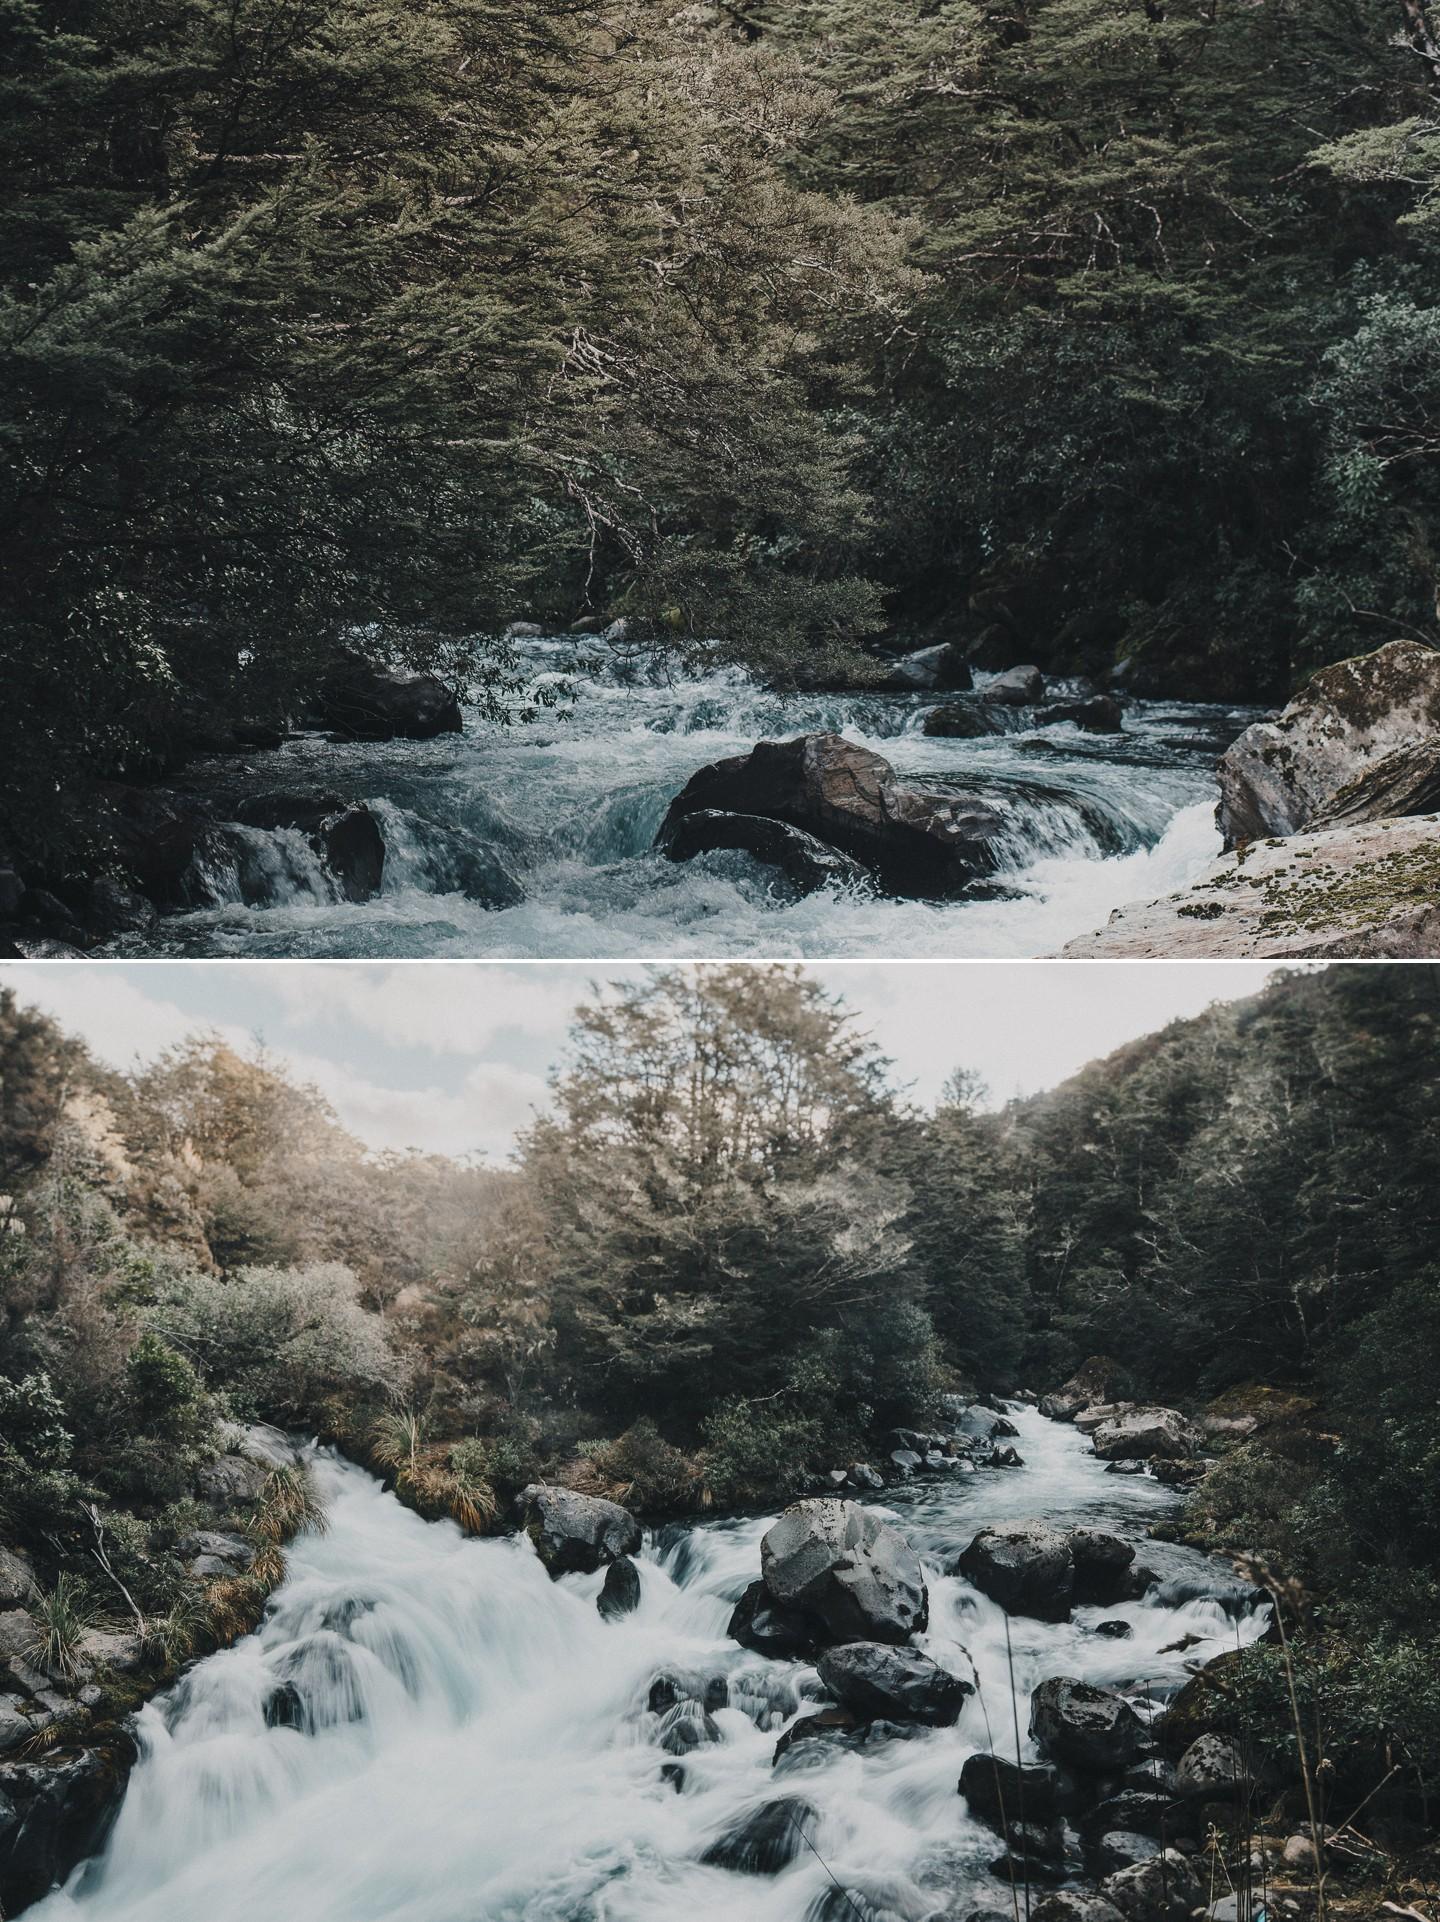 Tongariro crossing alpine river